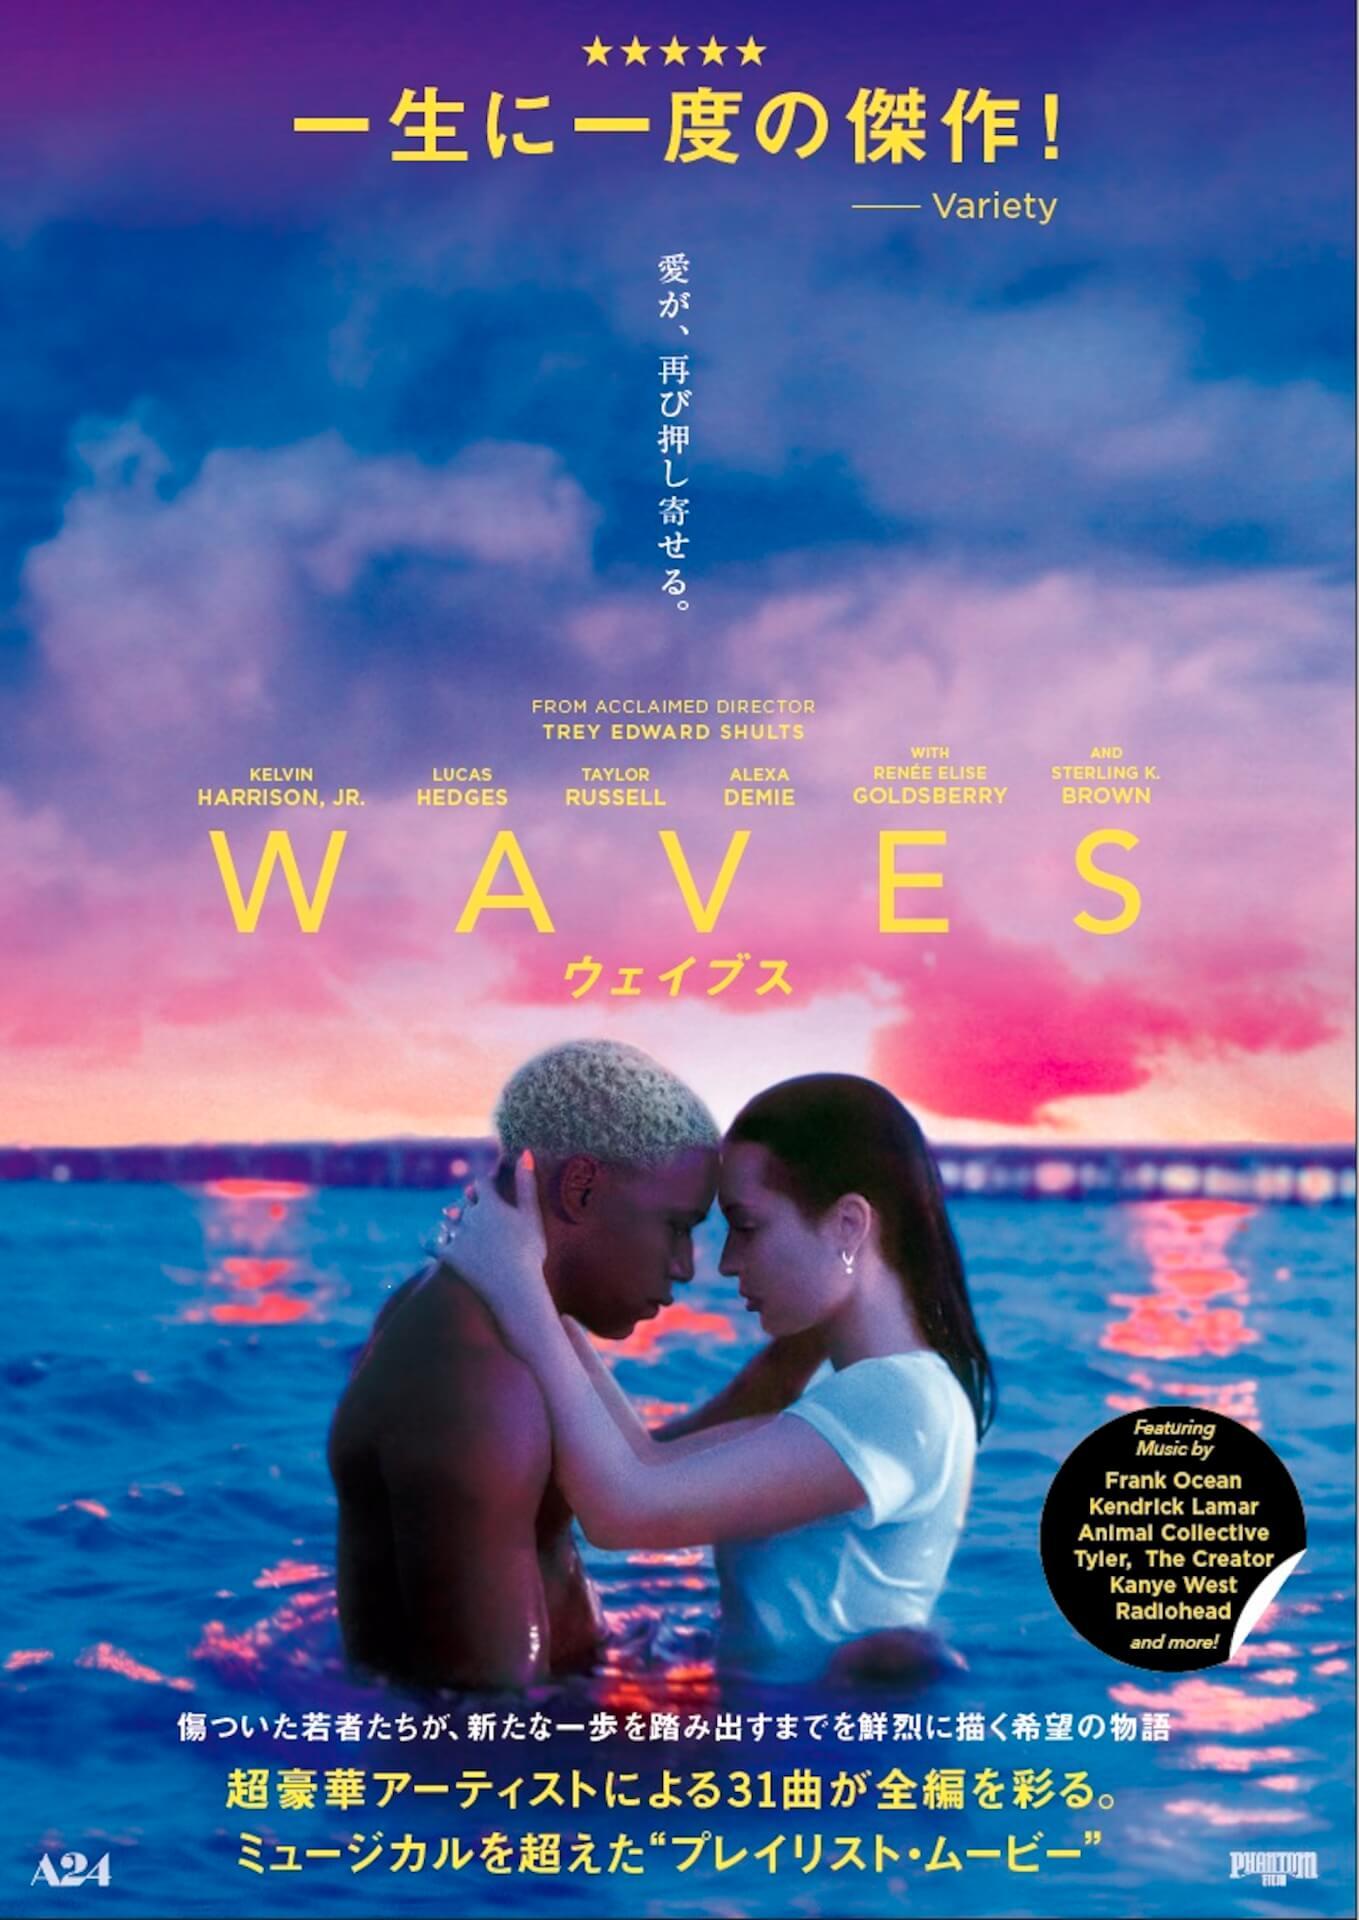 トレント・レズナーが音楽を手がけるA24最新作『WAVES/ウェイブス』の水辺のシーンが収められた場面写真が解禁! film200316_waves_5